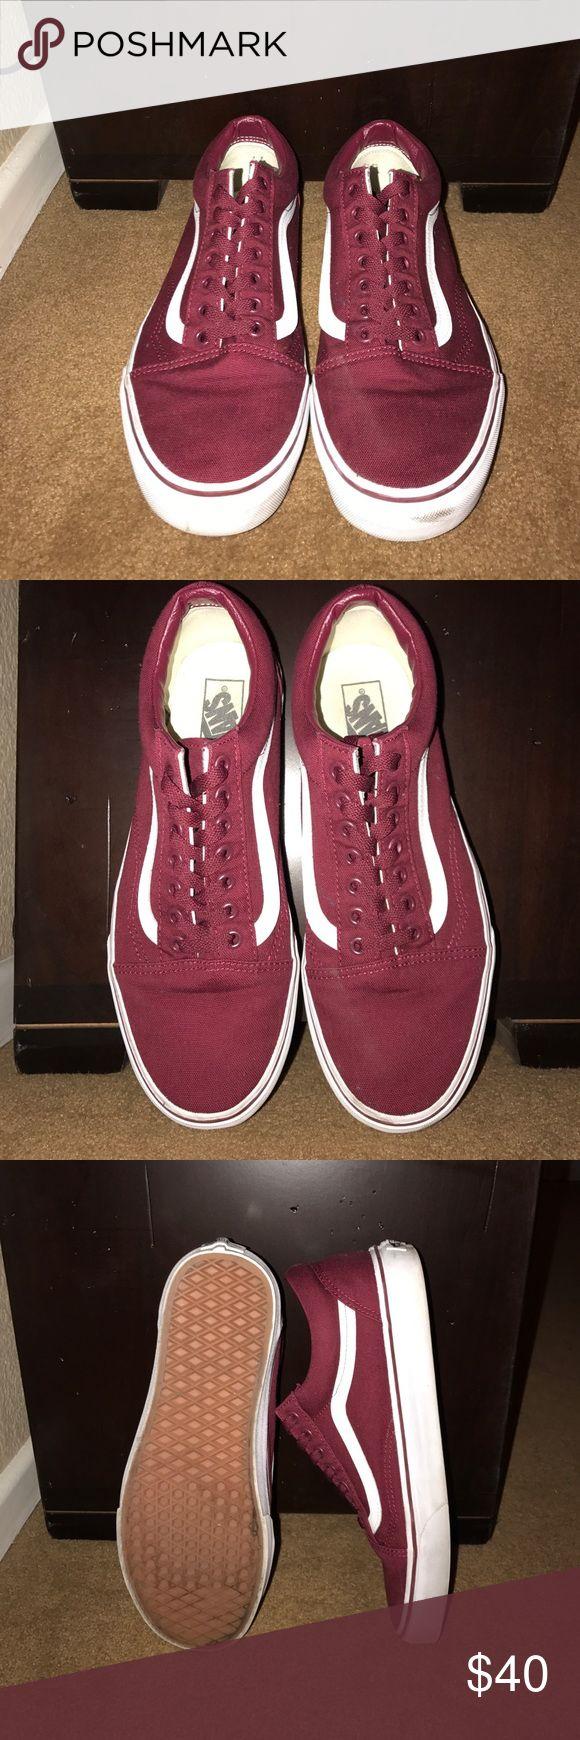 Vans Sk8 Low - Maroon Size 10 Vans Sk8 Low, only worn a handful of times, very clean. Vans Shoes Sneakers